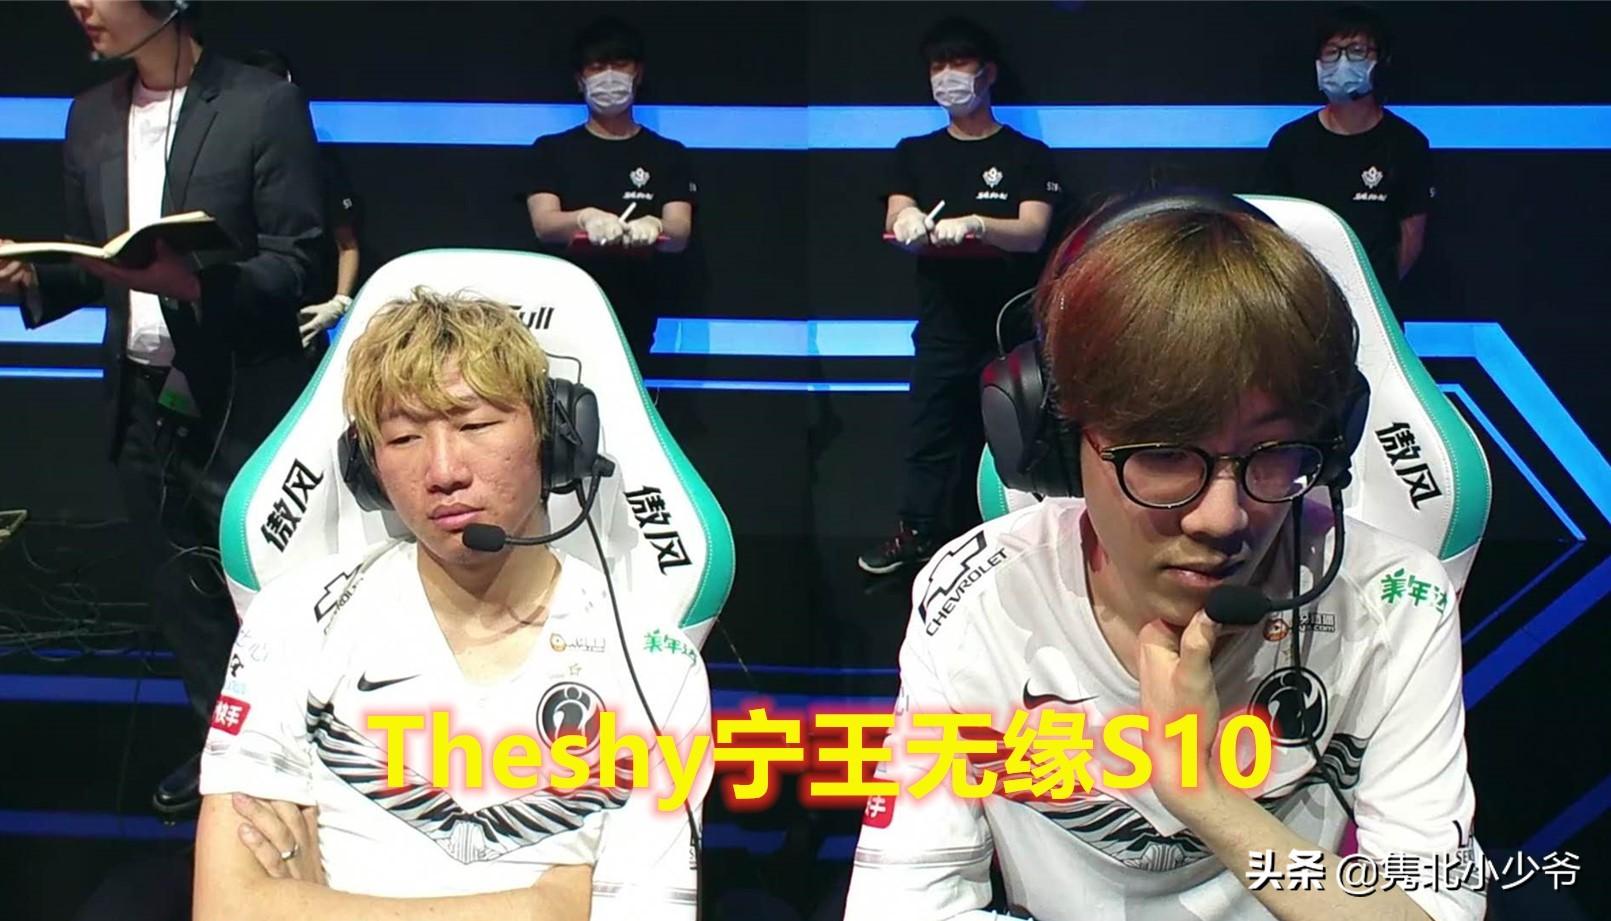 IG冒泡赛被LGD淘汰后,官博被爆破,粉丝怒喷:宁王滚去退役